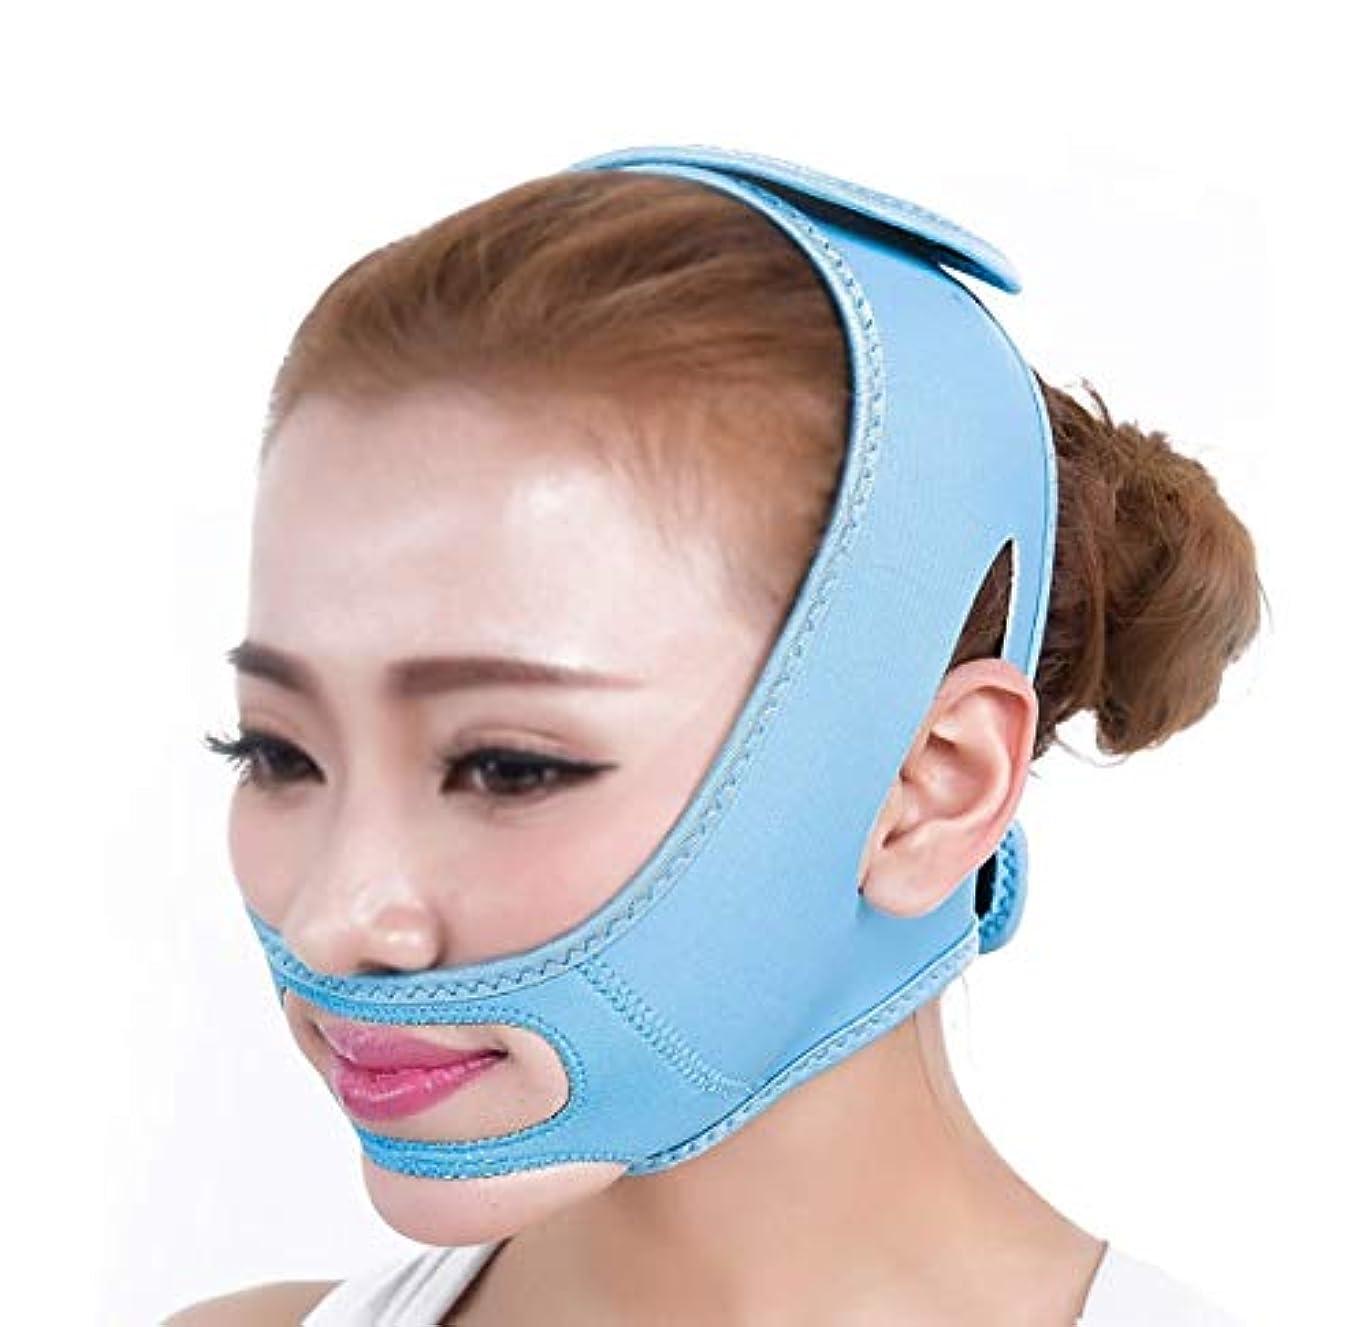 遠え弾力性のあるシャットHEMFV フェイススリミングは、顔の皮膚包帯二重あごスリミングベルト美容通気性のVフェイス包帯顔のリフティングを締め、スリムリフトマスク